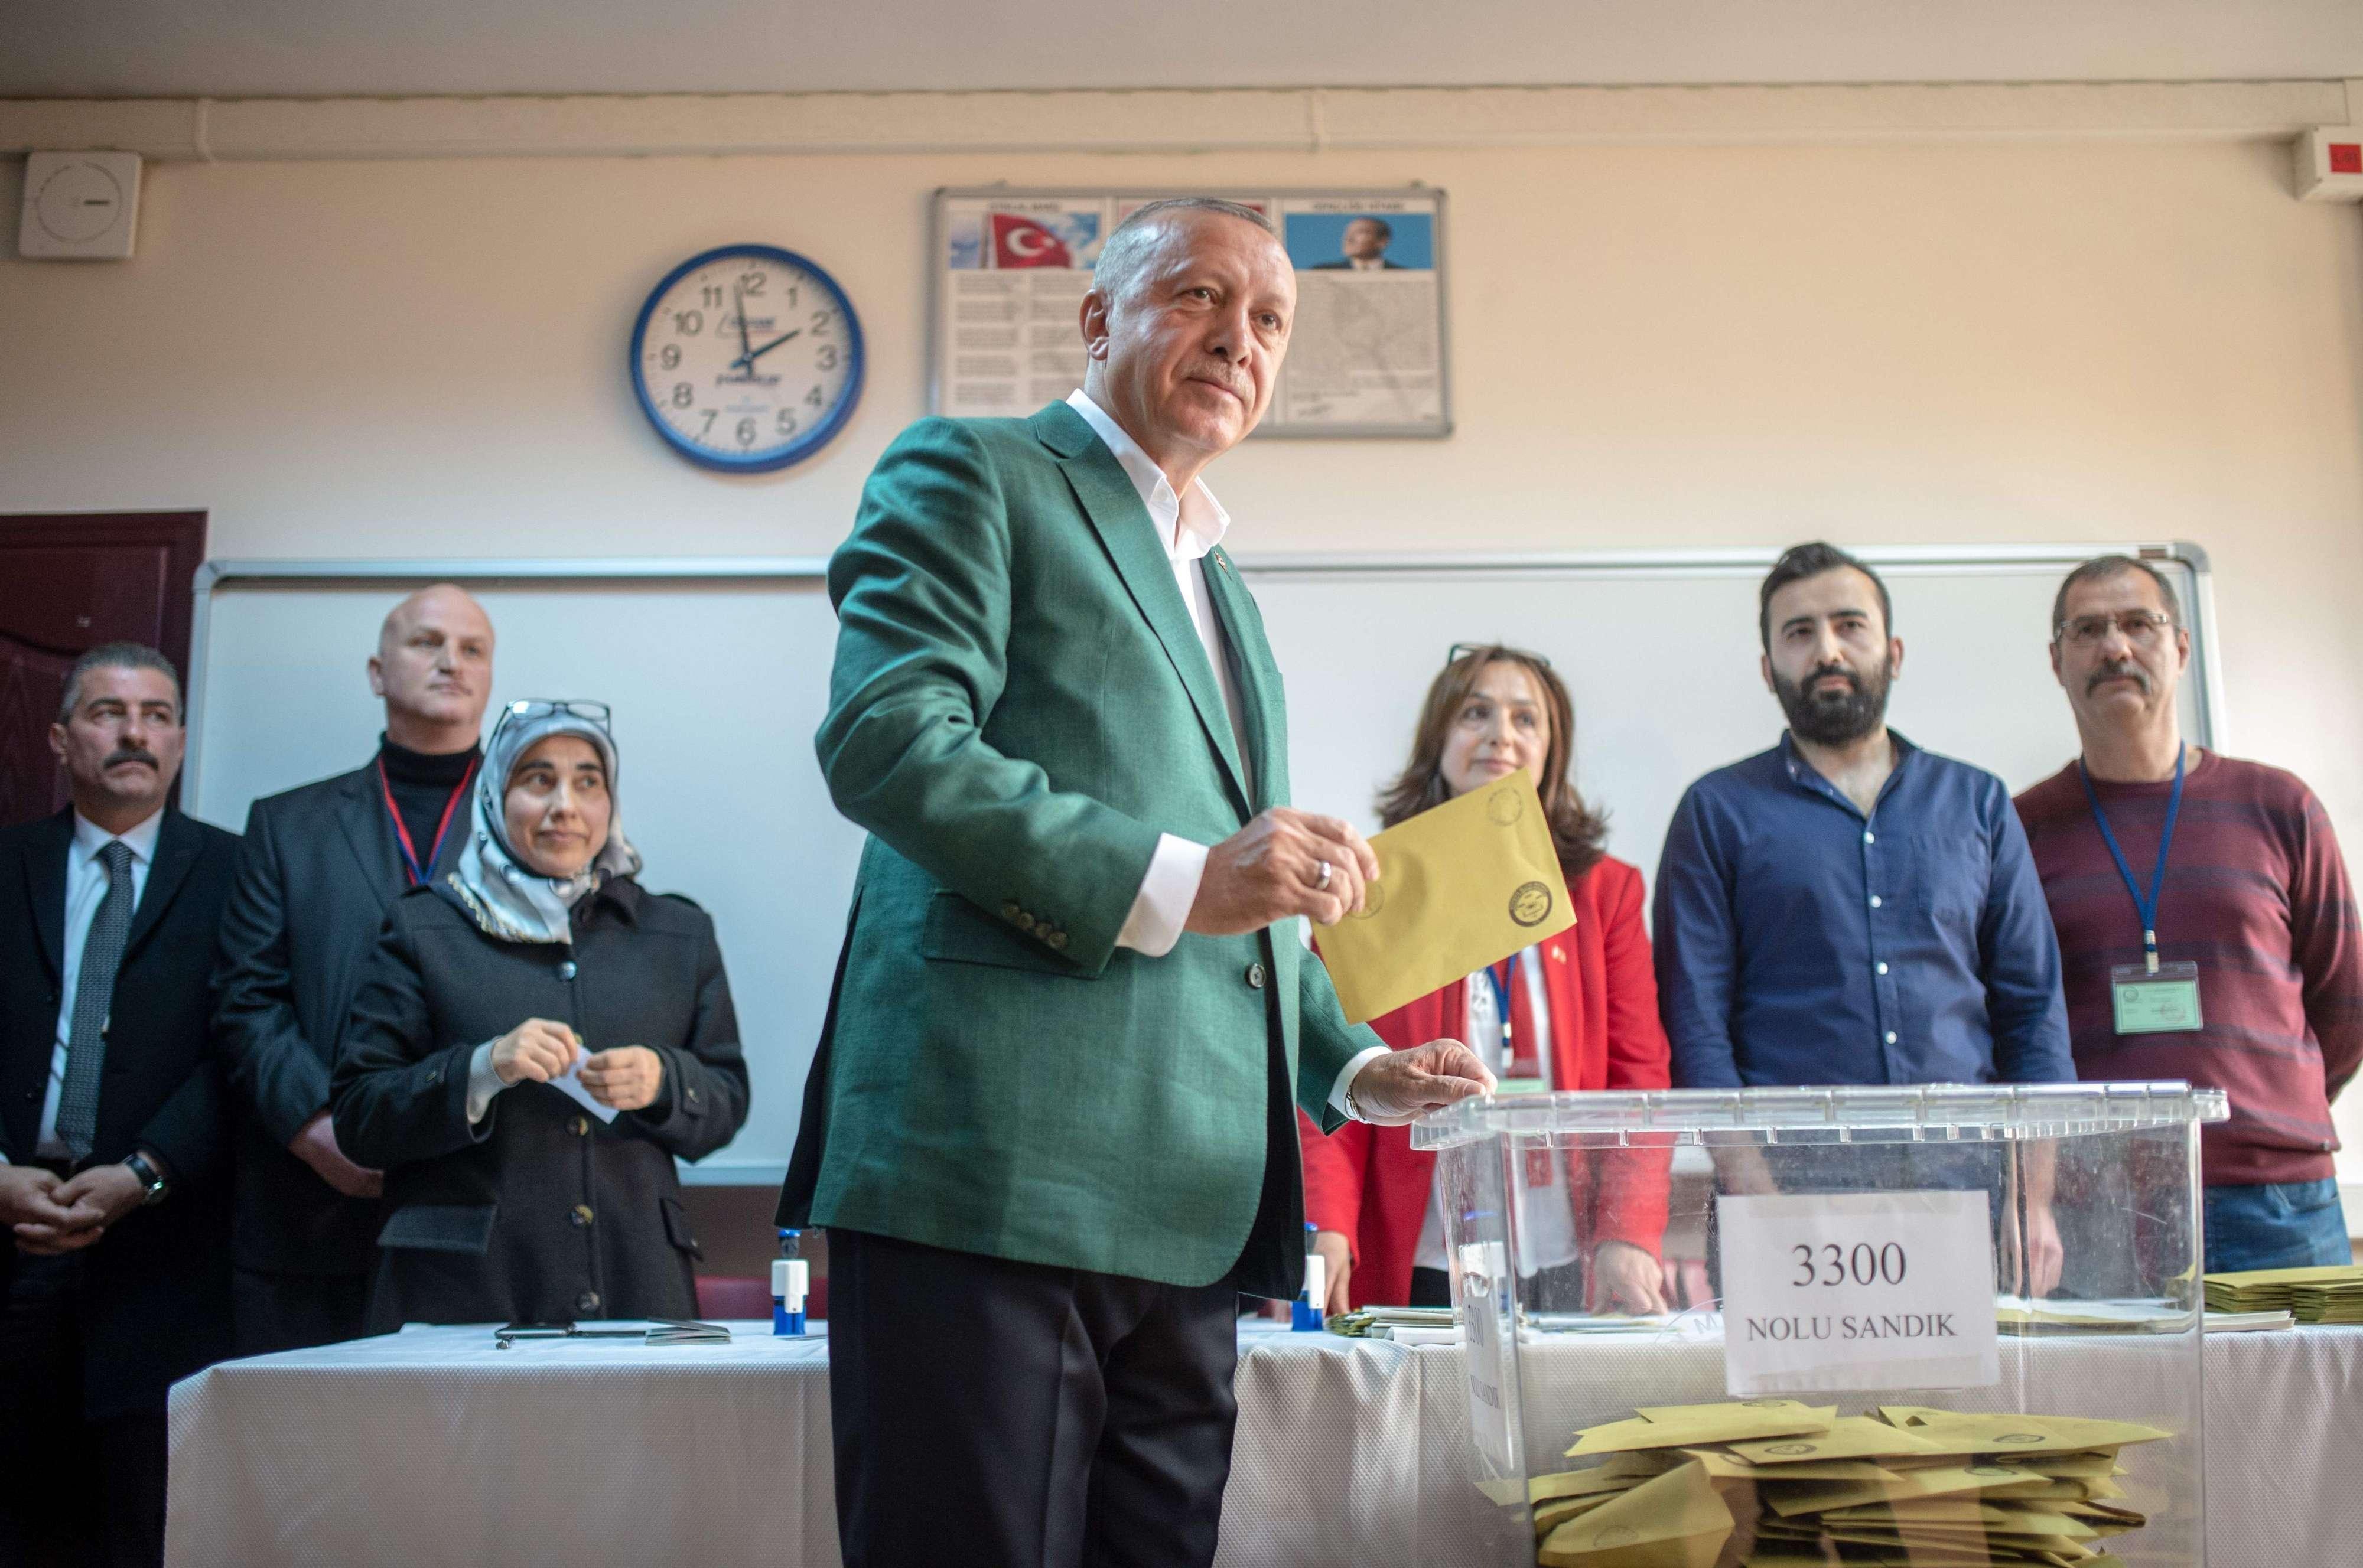 Komisioni Elektoral në Turqi urdhëron ripërsëritjen e zgjedhjeve në Stamboll